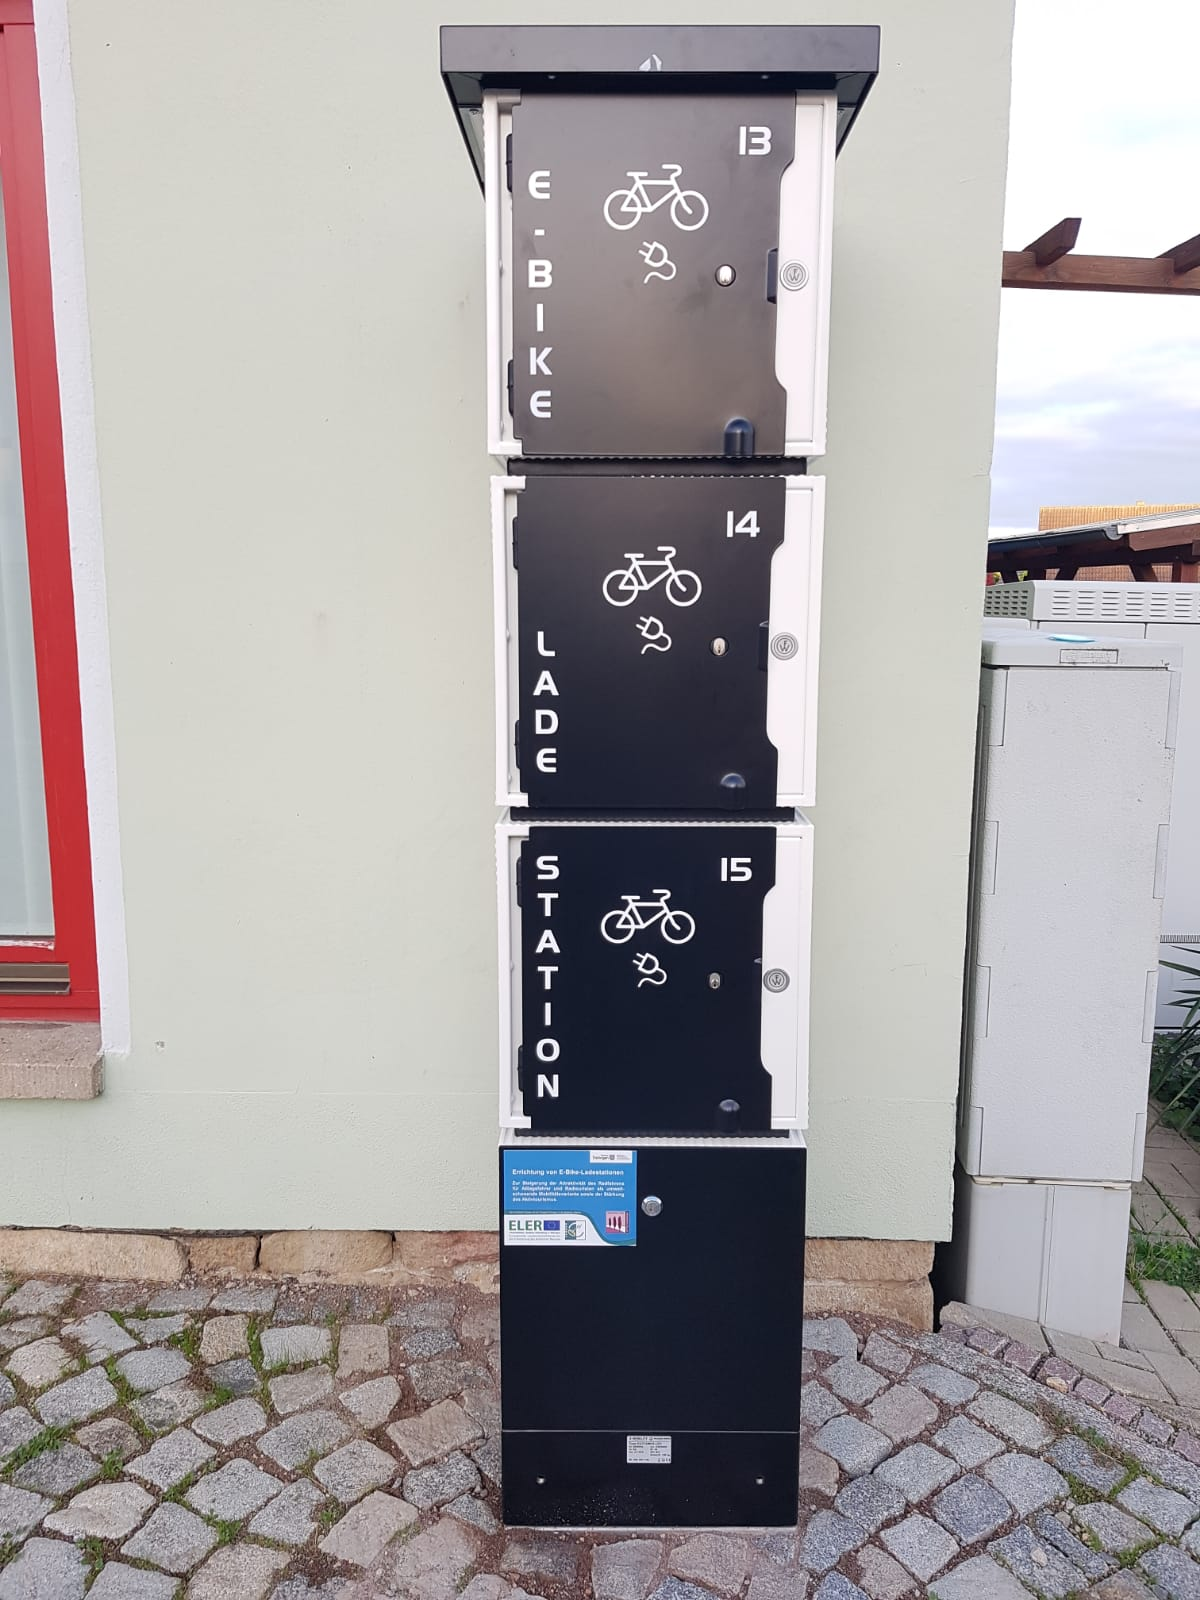 E-Bike-Ladestation (Standort: Bergern, am Gemeindehaus), Stadt Bad Berka